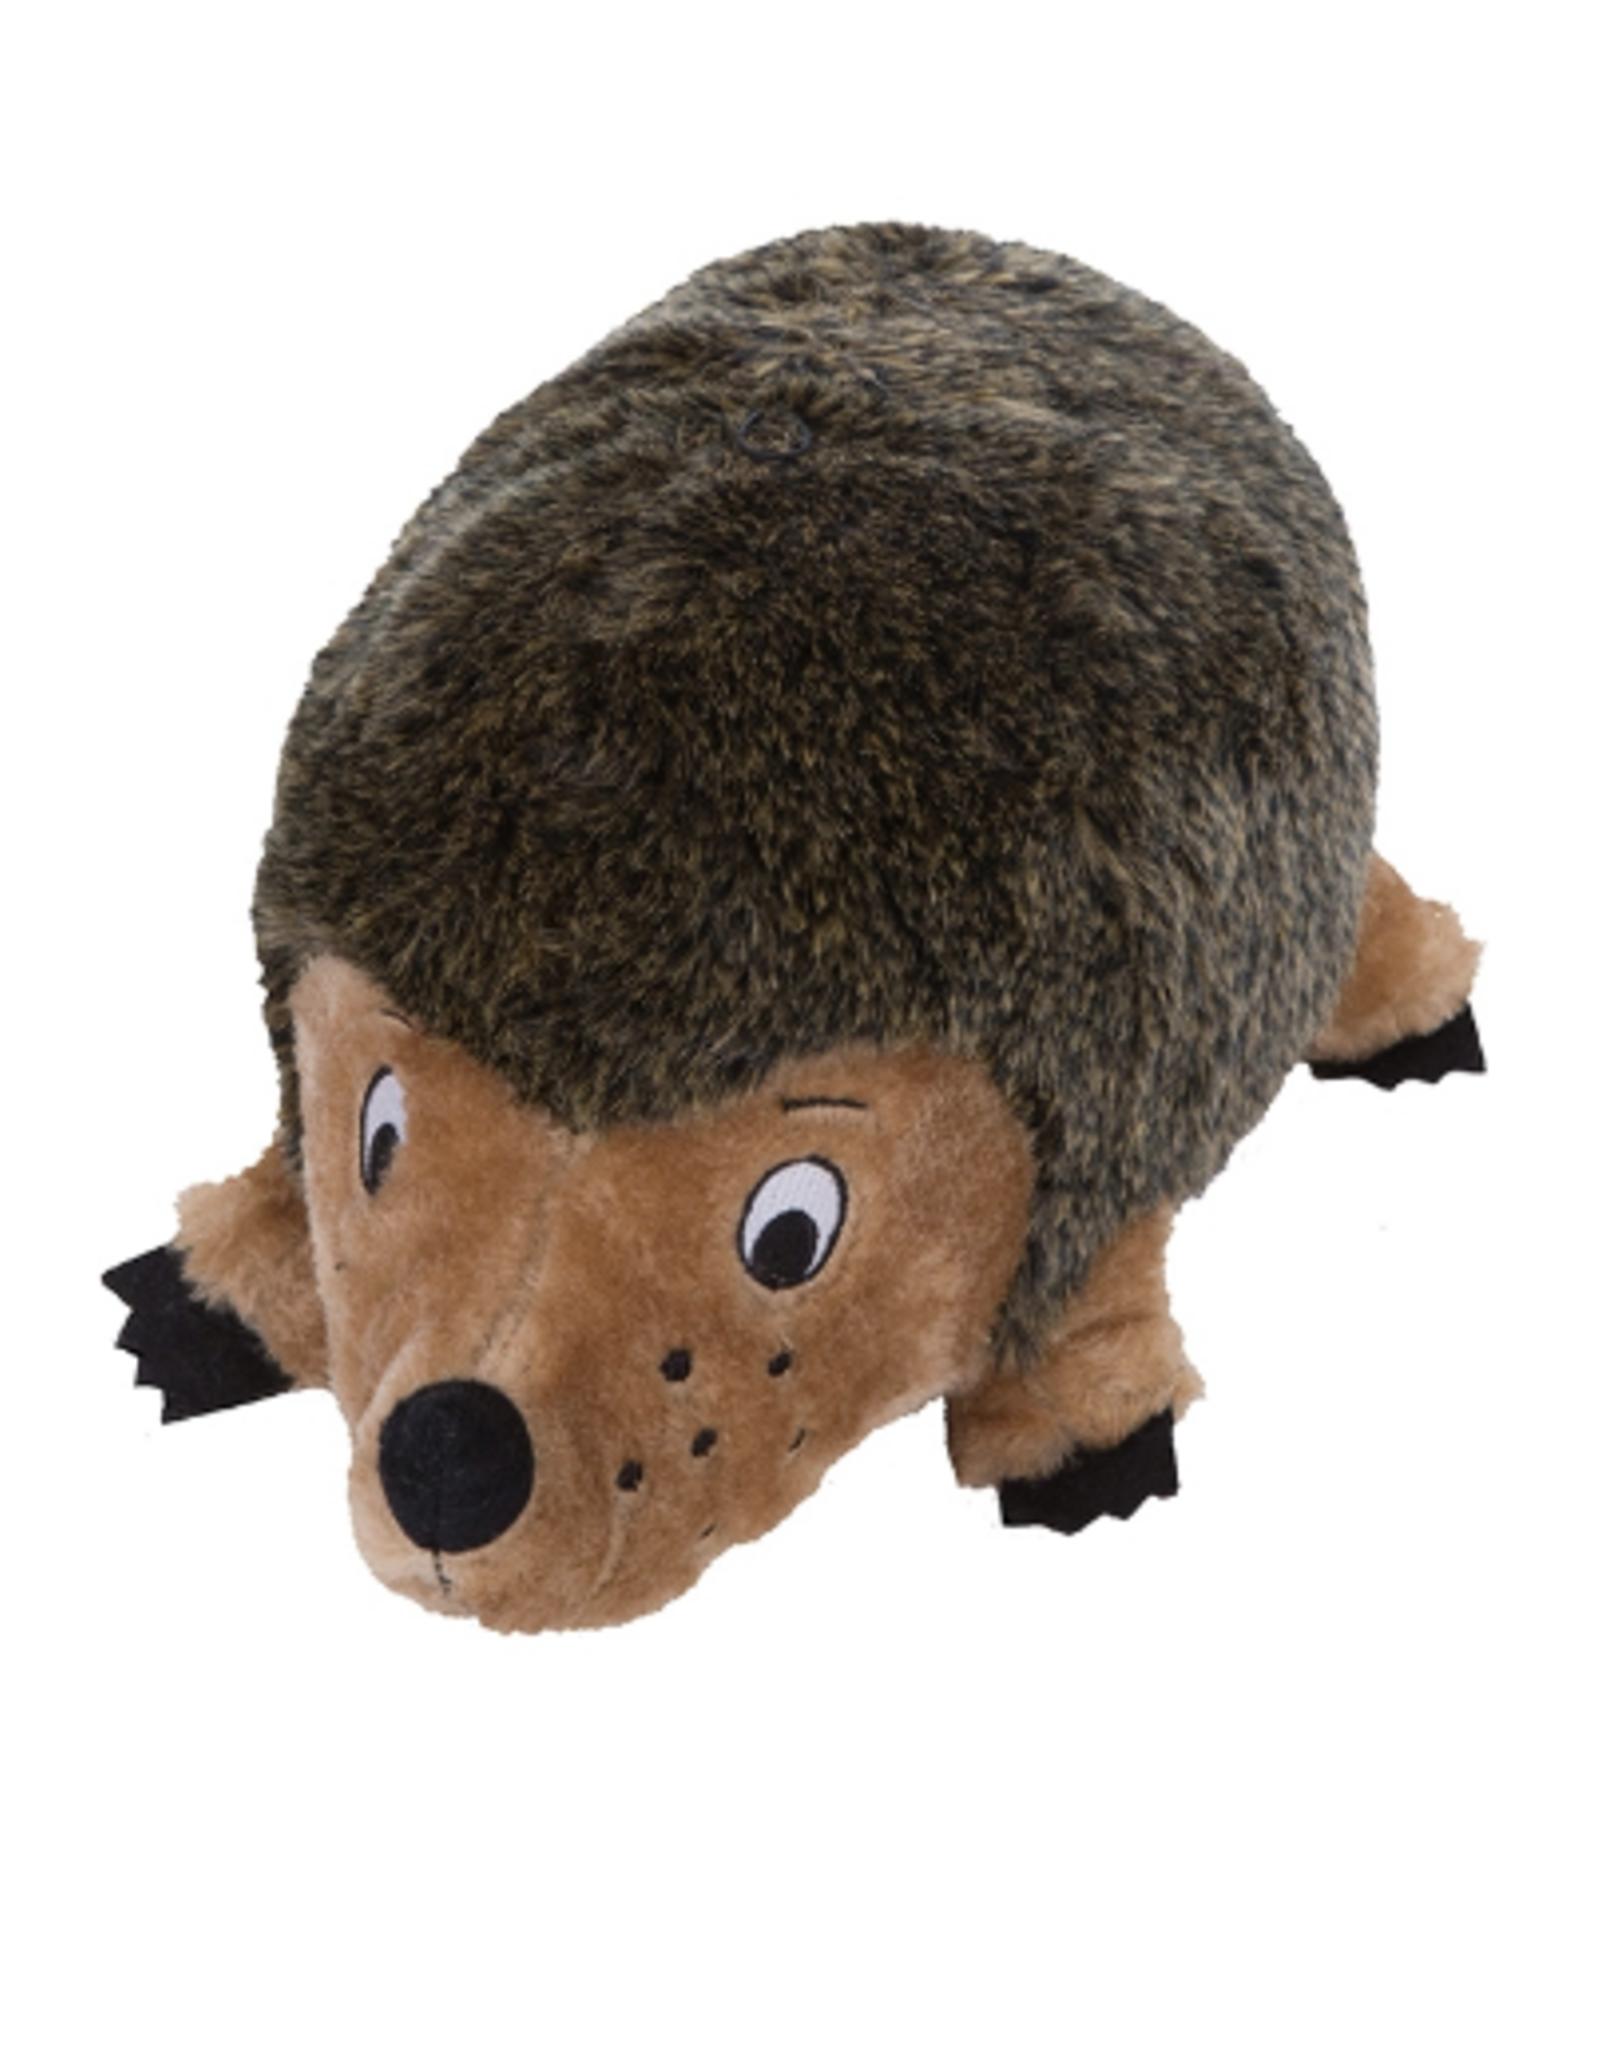 Outwardhound Outward Hound Small Hedgehog Dog Toy